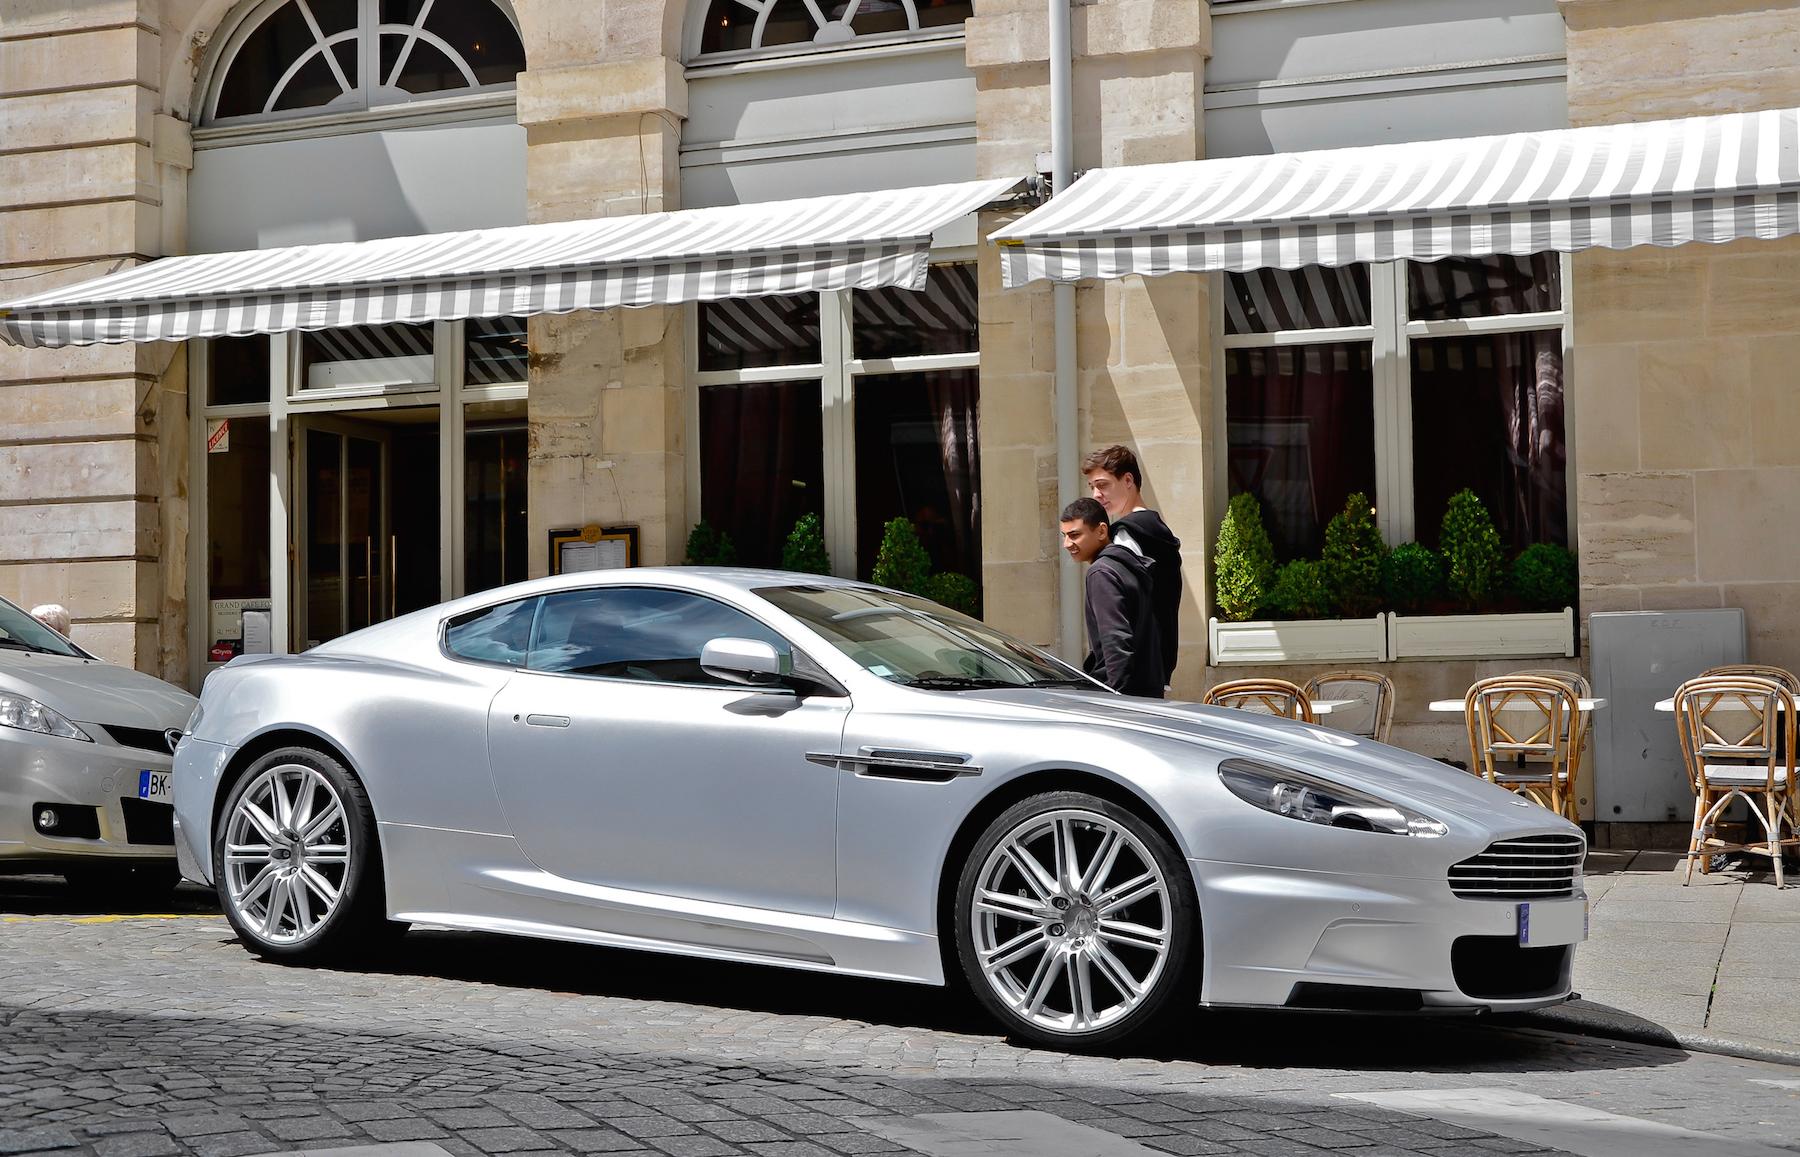 Aston Martin Dbs Vs Ferrari California Exotic Car List